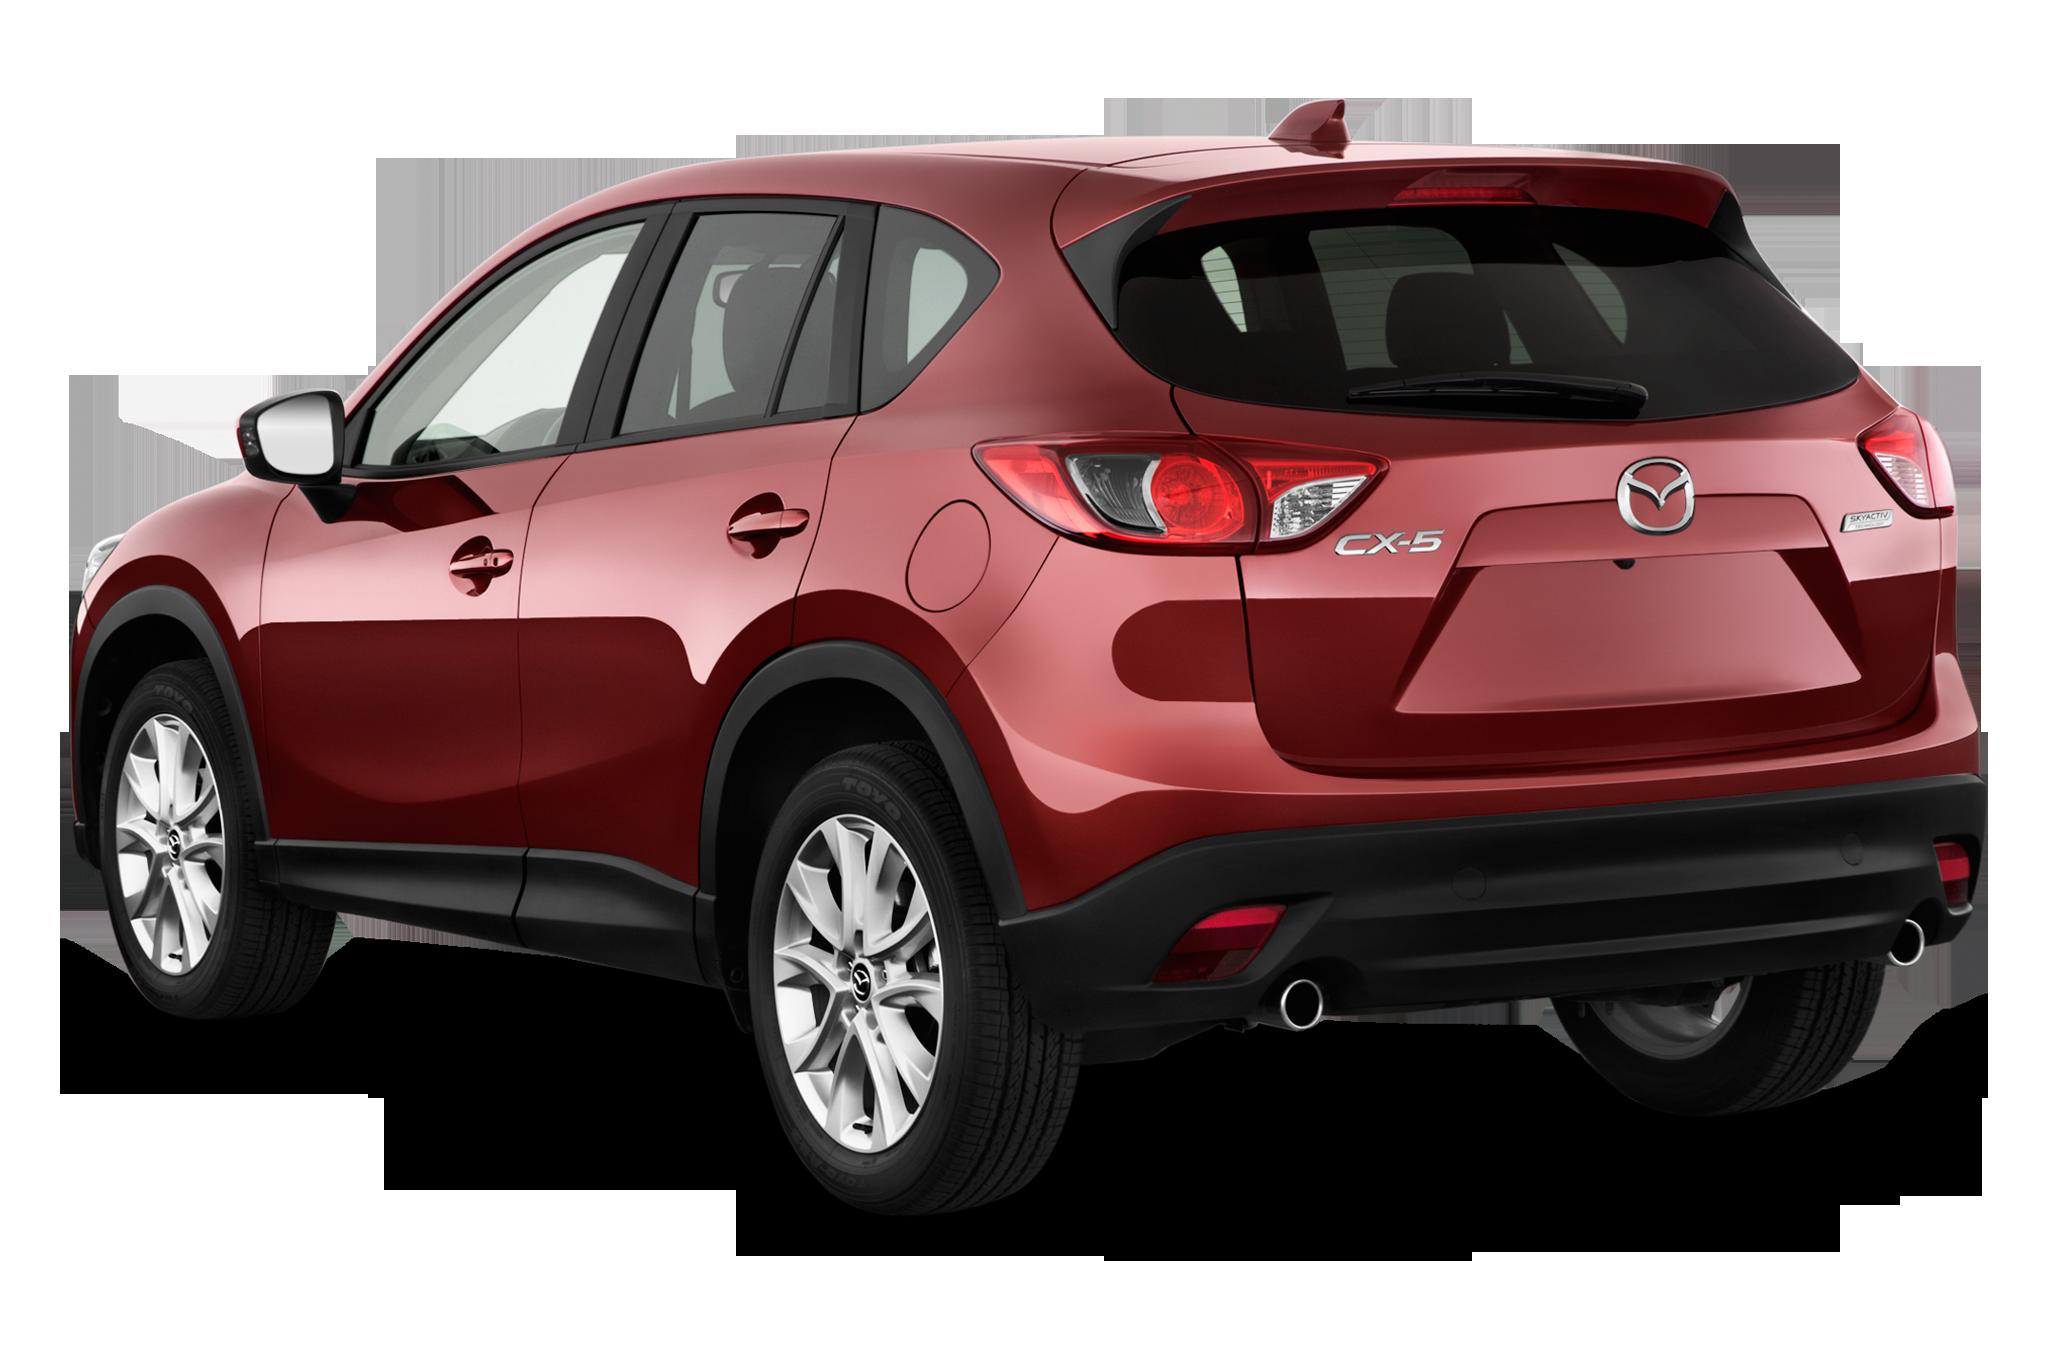 Mazda CX-5 I 2011 - 2014 SUV 5 door #4